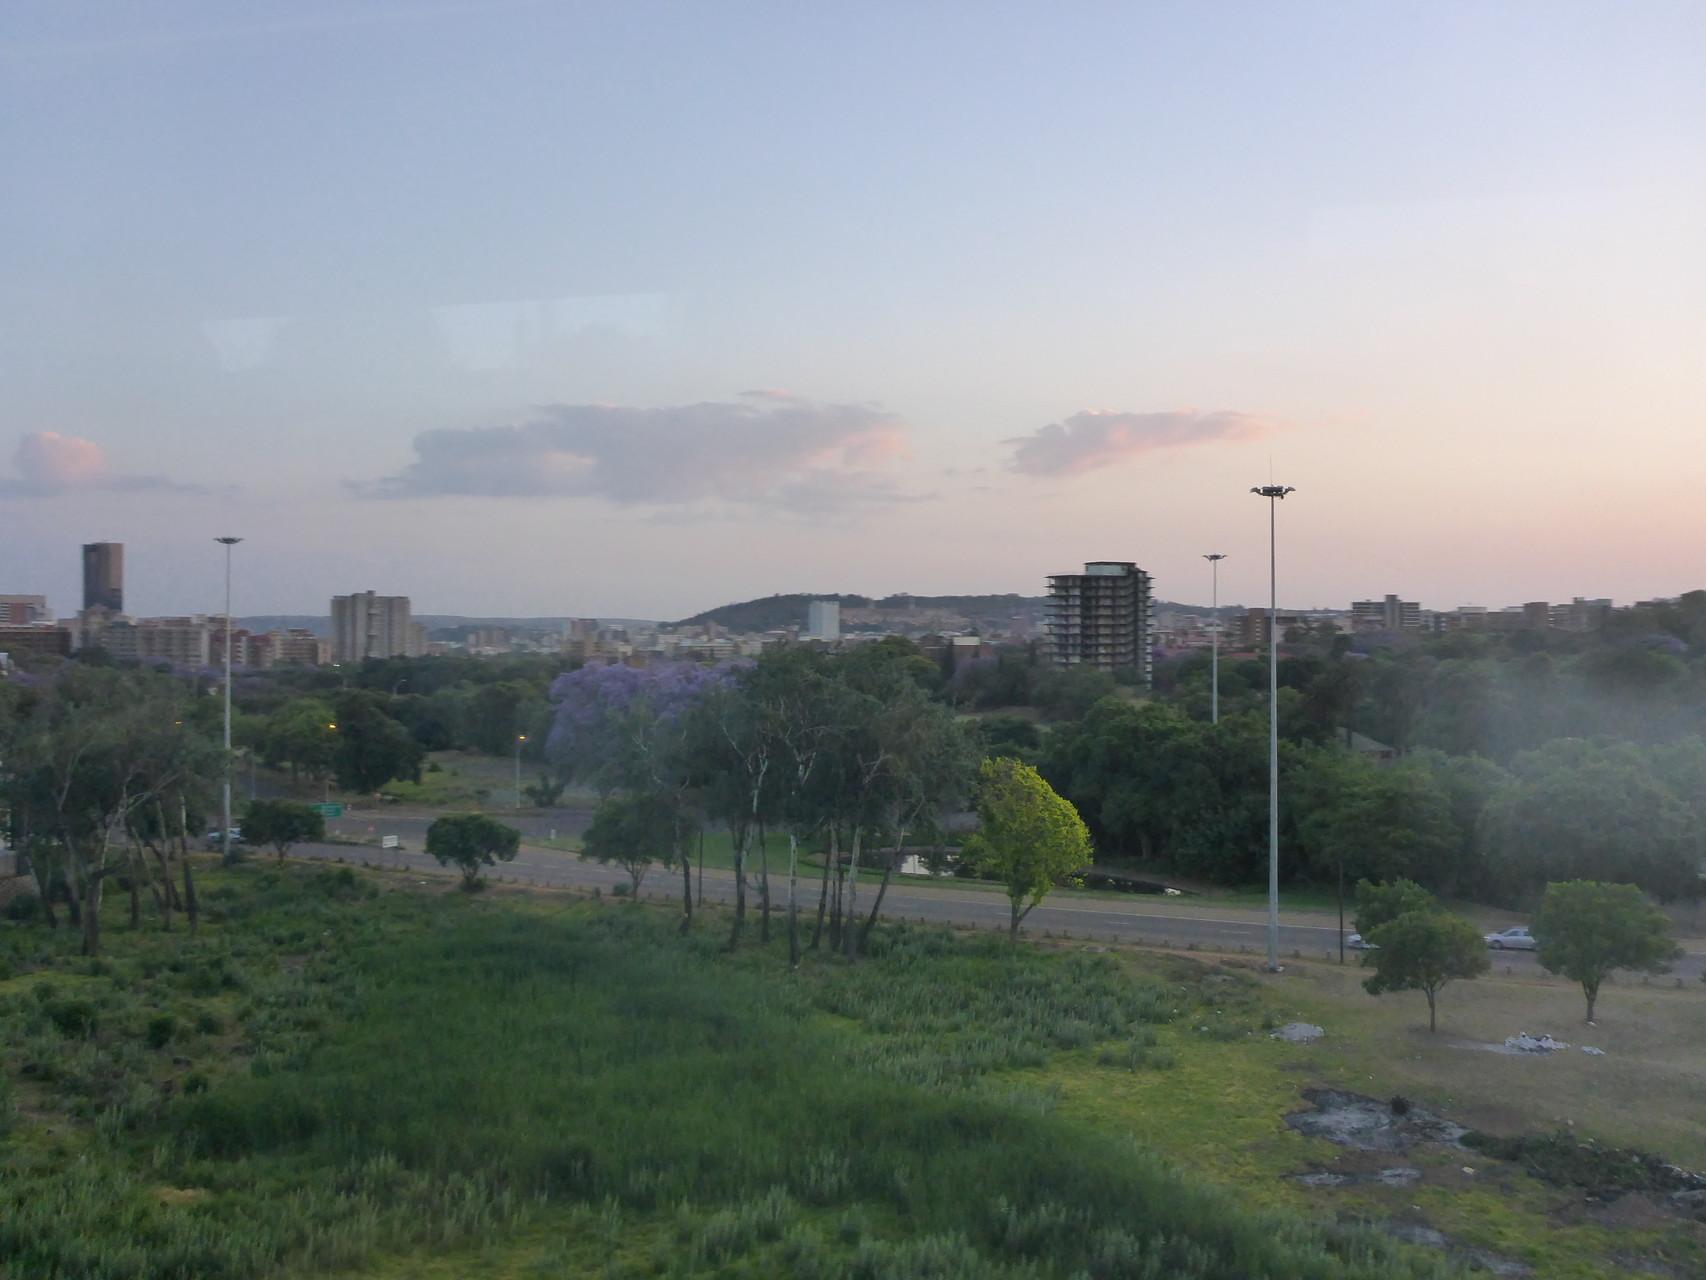 Johannesburg before Sunset